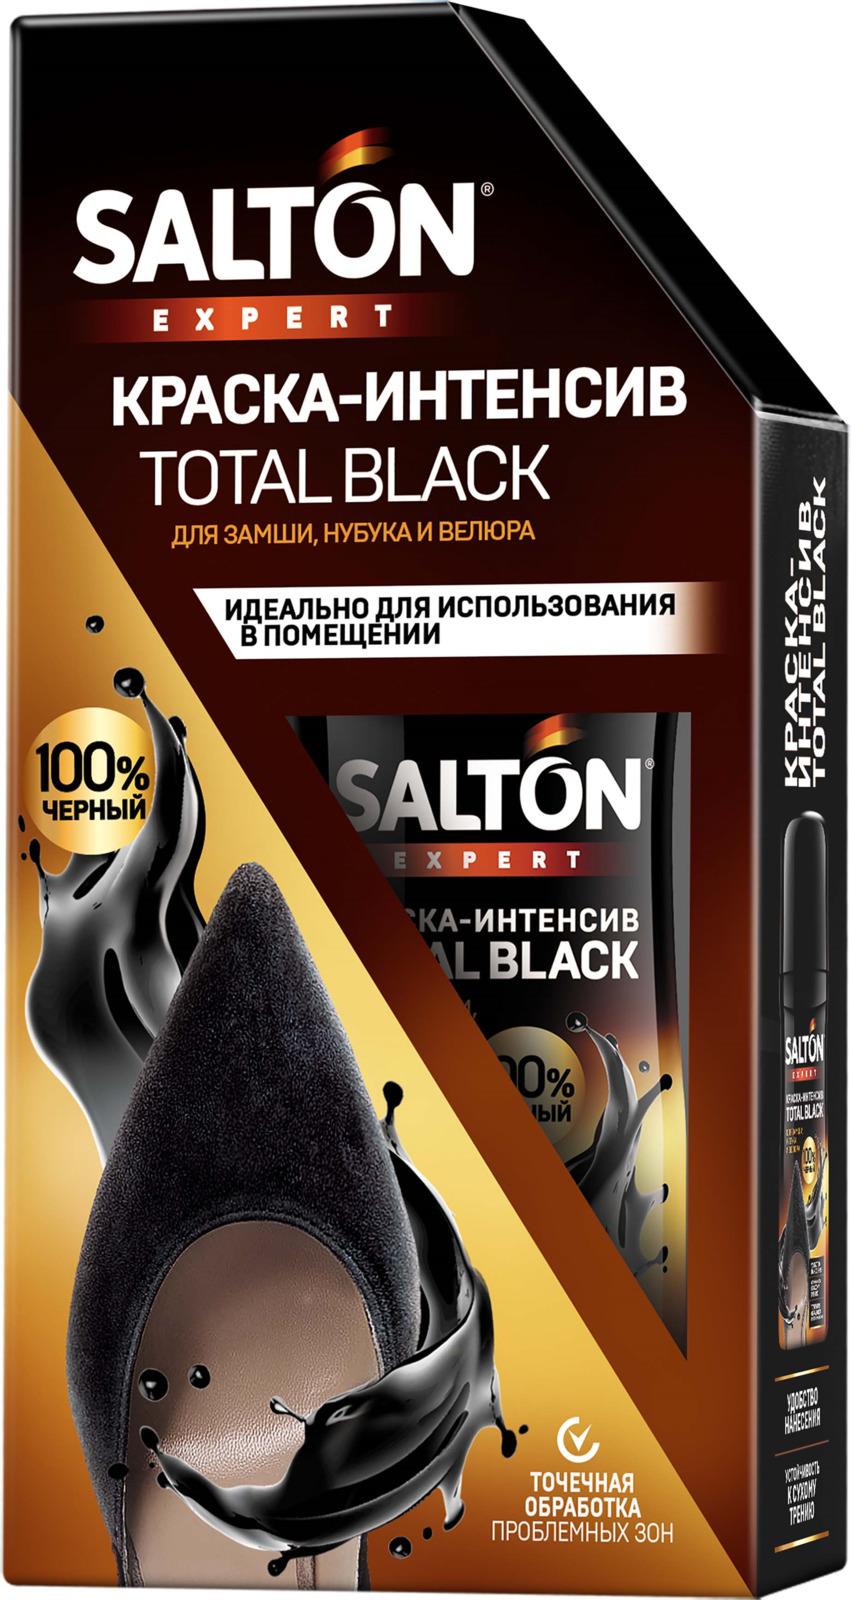 Средство для обуви и одежды Salton Expert Total Black краска-интенсив для замши, нубука и велюра, 61075, черный, 75 мл цена и фото